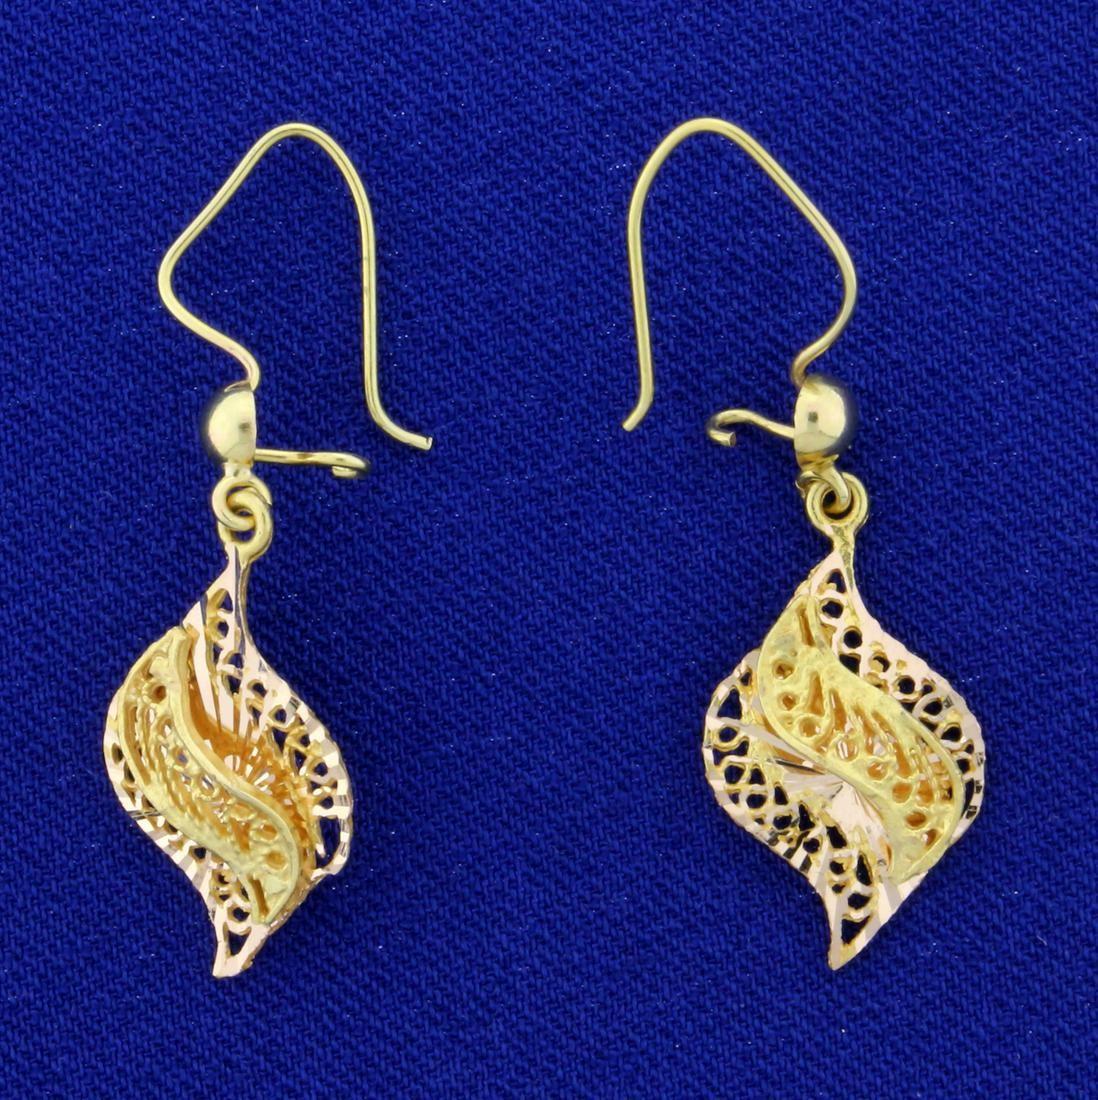 Diamond Cut Lace Design Dangle Earrings in 14K Yellow